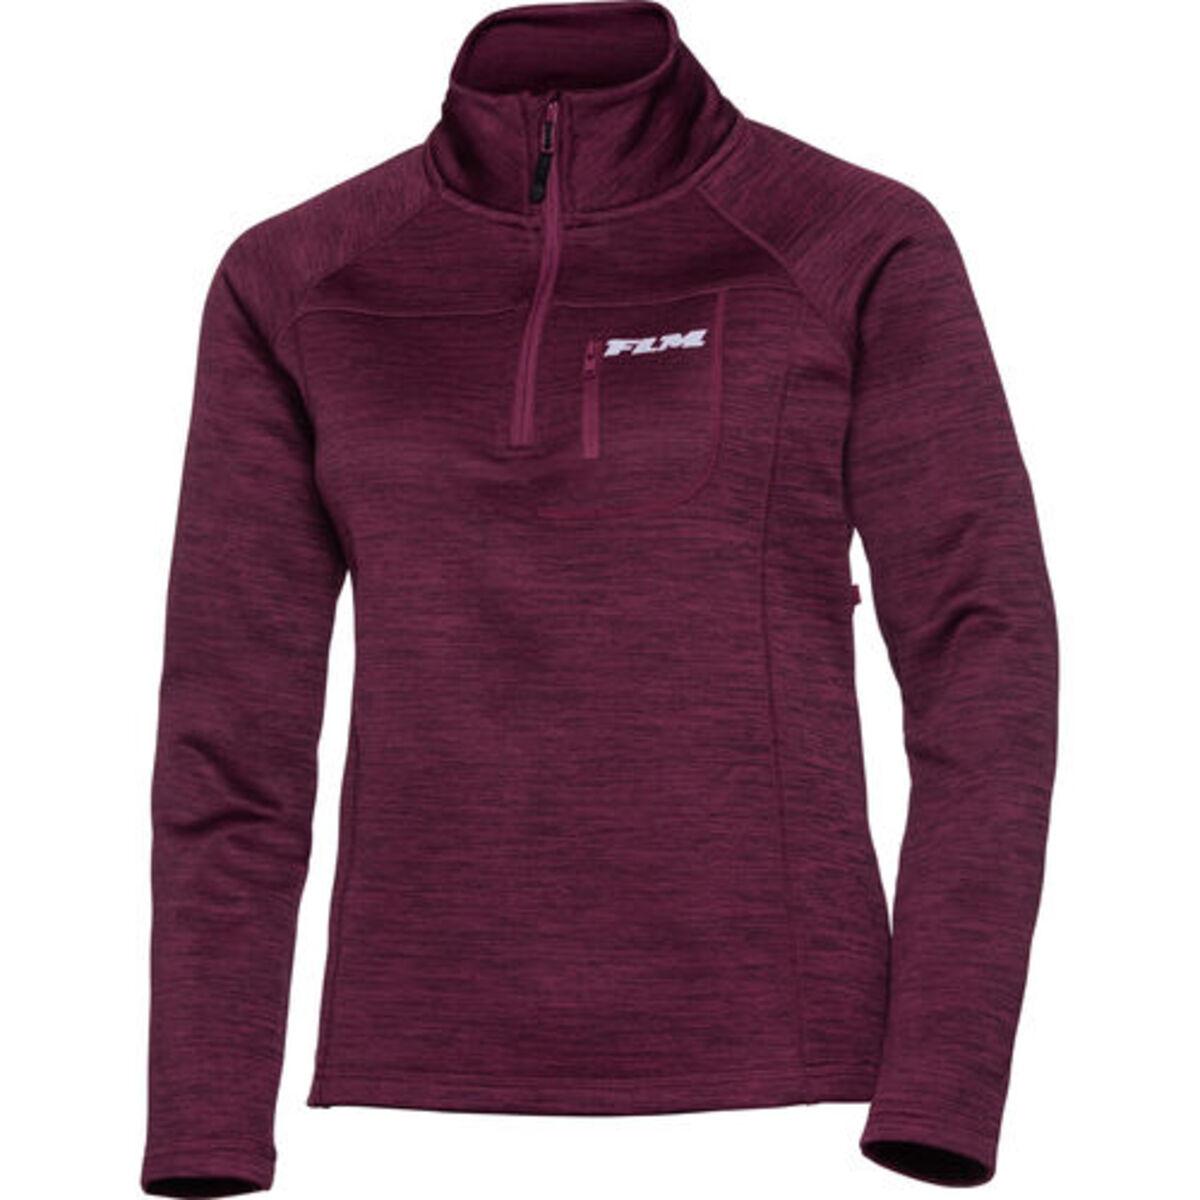 Bild 1 von FLM            Fleece Pullover Damen 3.0 violett